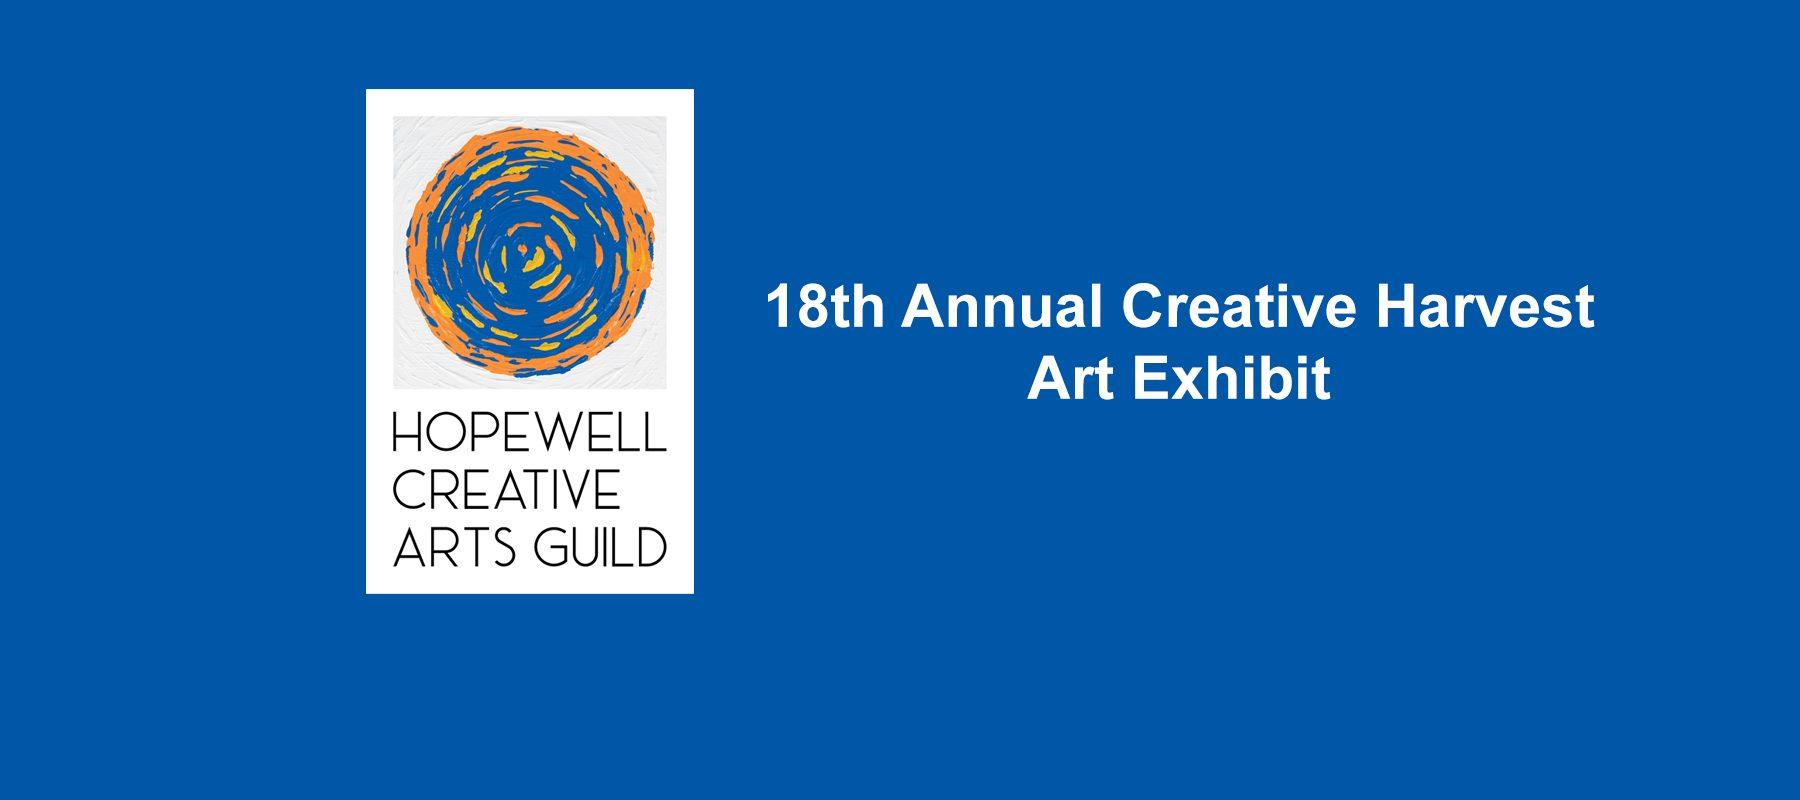 18th Annual Creative Harvest Art Exhibit